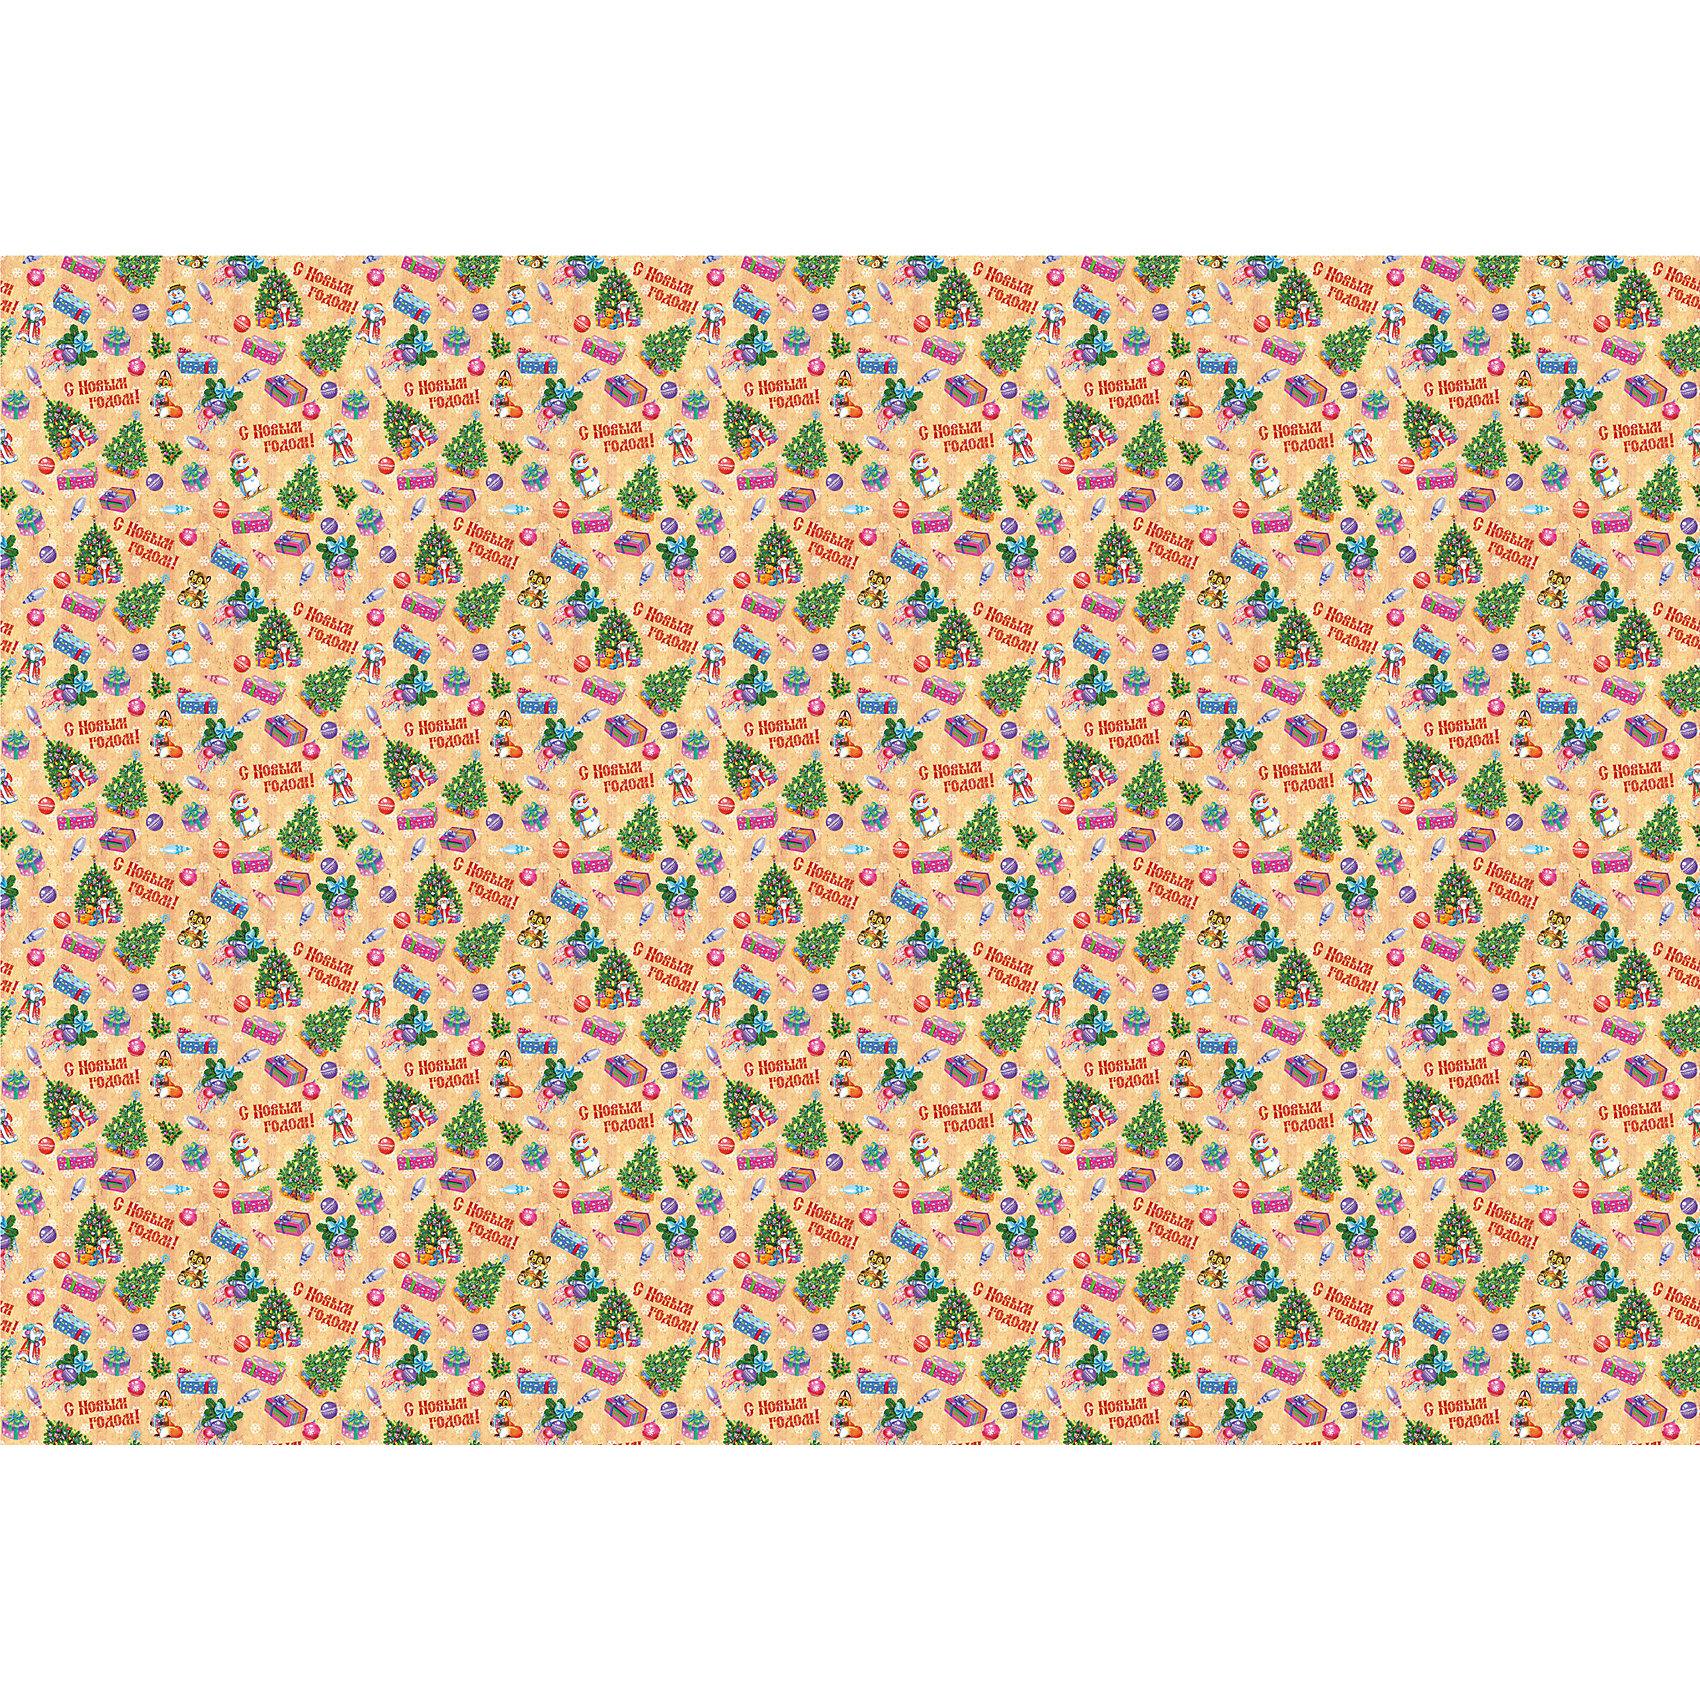 Новогодняя упаковочная бумага в рулонах Елка и снеговик, полноцветная 100x70смНовогодняя упаковочная бумага<br>Характеристики товара:<br><br>• размер: 100х70 мм<br>• комплектация: 1 шт<br>• материал: бумага<br>• с орнаментом<br>• страна производства: Китай<br><br>Подарки в красивых упаковках - неотъемлемая часть приятных новогодних ритуалов! Эта подарочная бумага будет отлично смотреться в под ёлкой, она качественно выполнена и нарядно выглядит благодаря яркому рисунку. С такой упаковкой подарок будет и дарить и принимать приятнее! Продаётся в листах размером 100х70 сантиметров.<br>Такие небольшие детали и создают праздник! От них во многом зависит хорошее новогоднее настроение. Изделие производится из качественных сертифицированных материалов, безопасных даже для самых маленьких.<br><br>Новогоднюю упаковочную бумагу в рулонах Елка и снеговик, полноцветная 100x70см можно купить в нашем интернет-магазине.<br><br>Ширина мм: 700<br>Глубина мм: 1000<br>Высота мм: 20<br>Вес г: 300<br>Возраст от месяцев: 72<br>Возраст до месяцев: 480<br>Пол: Унисекс<br>Возраст: Детский<br>SKU: 5051710